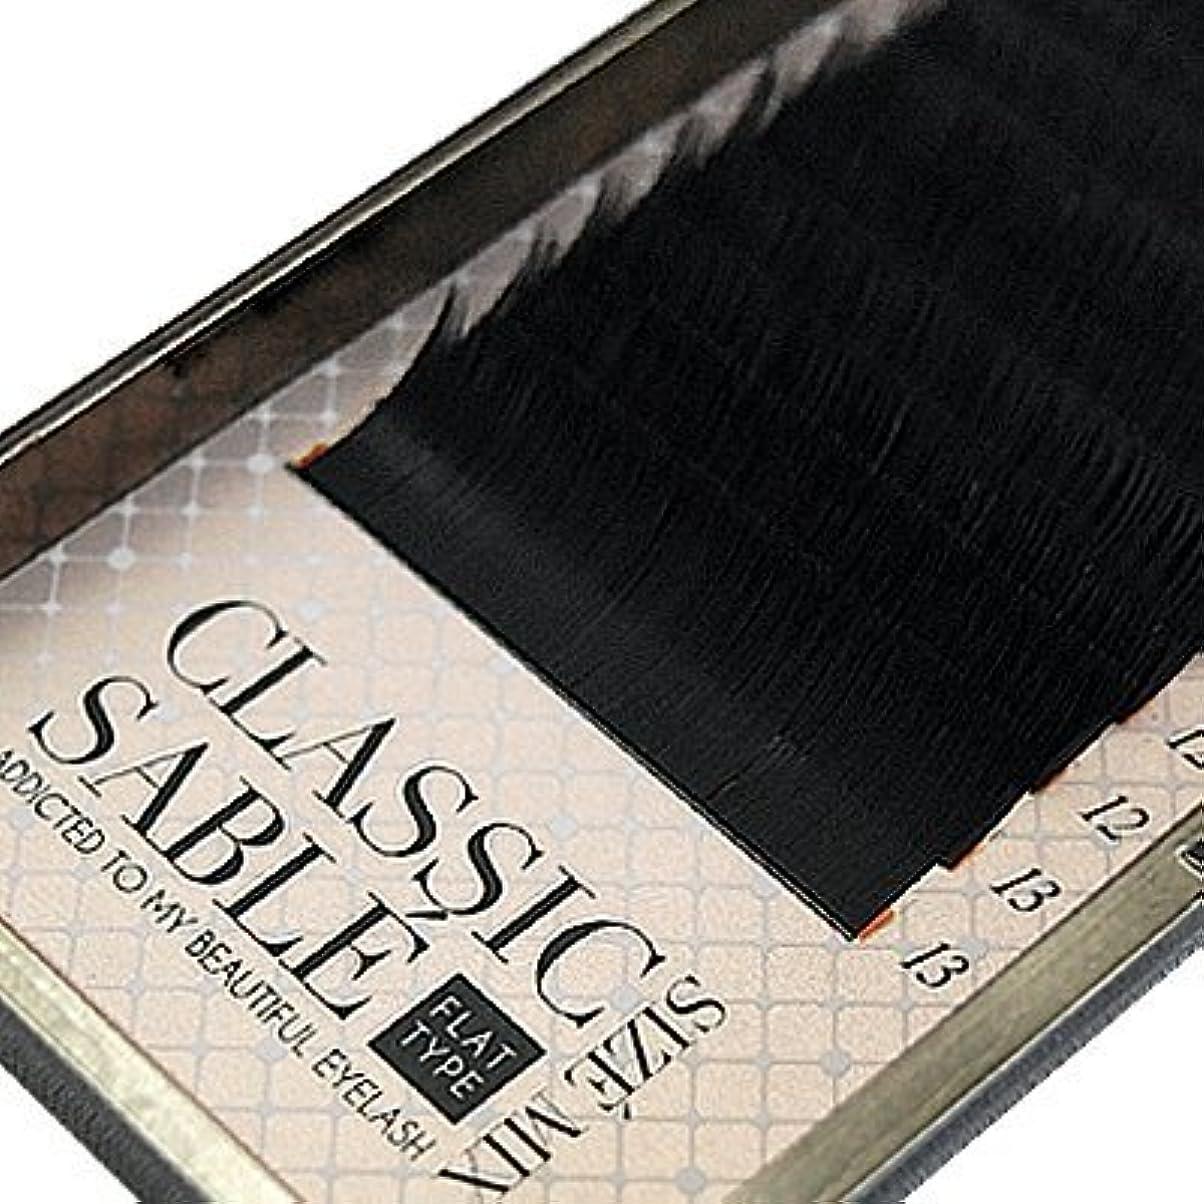 リマ性的面白い【amass Bona】クラシックセーブル フラットタイプ Cカール サイズMIX×0.15mm